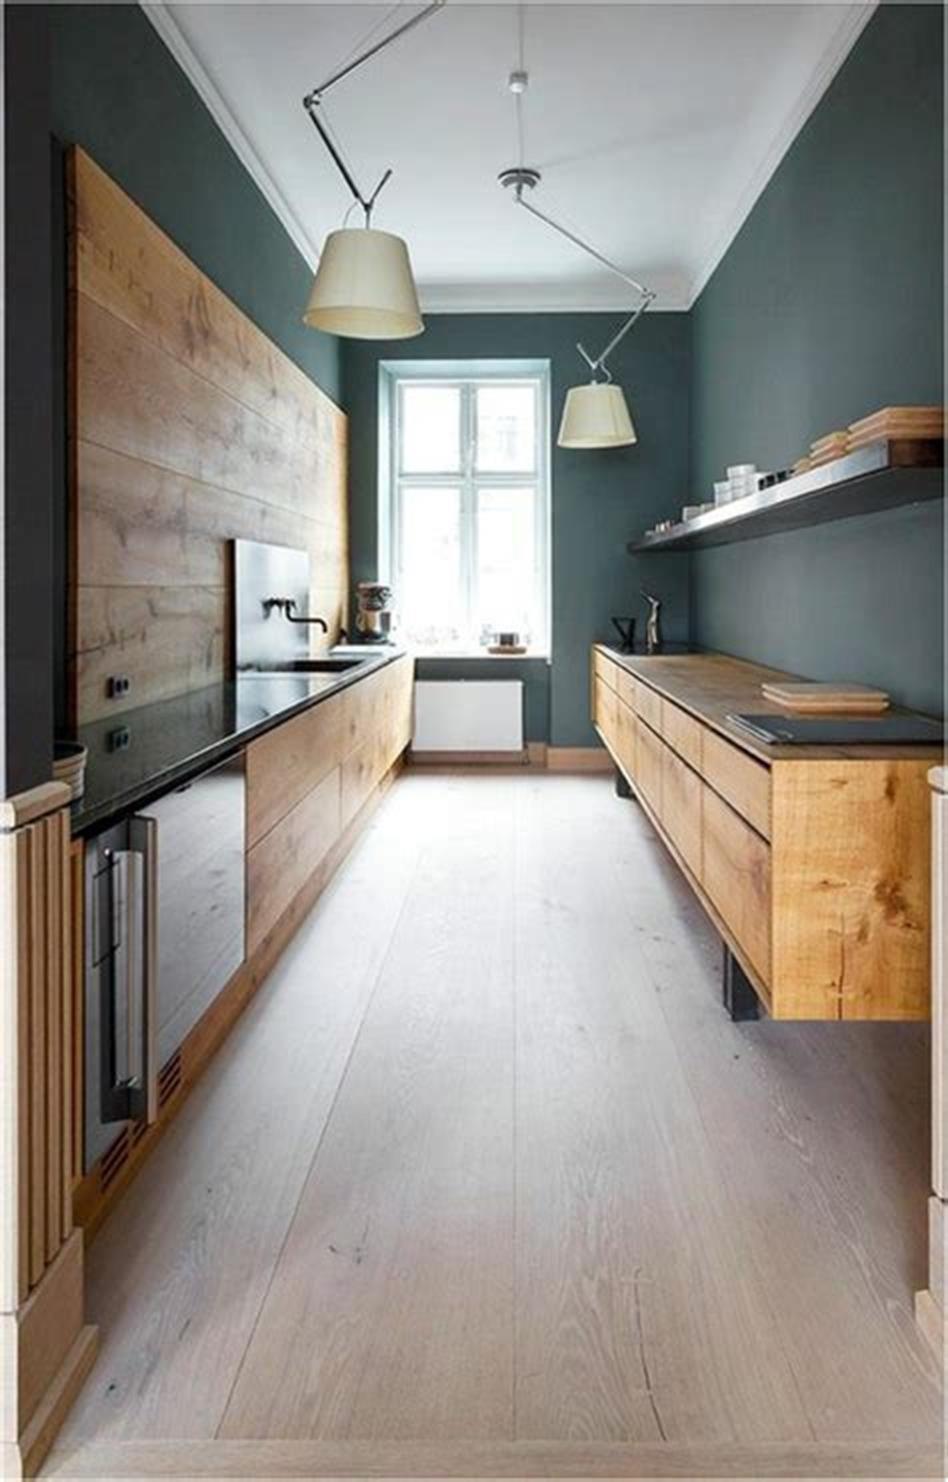 46 Amazing Ideas Kitchen Design Trends 2019 Galley